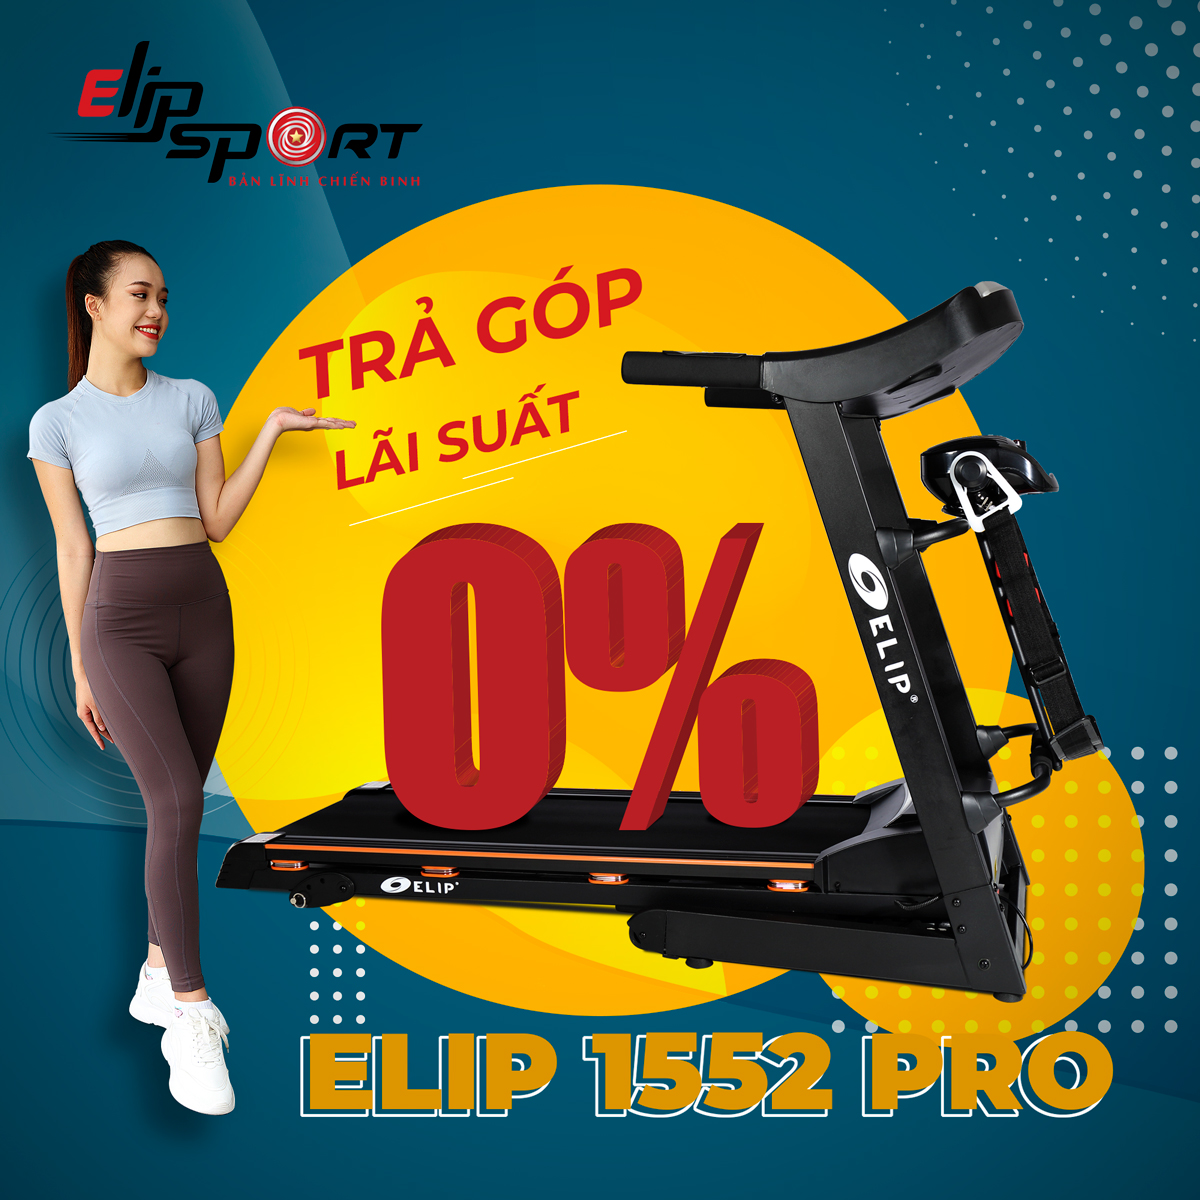 Máy chạy bộ điện đa năng ELIP 1552 Pro